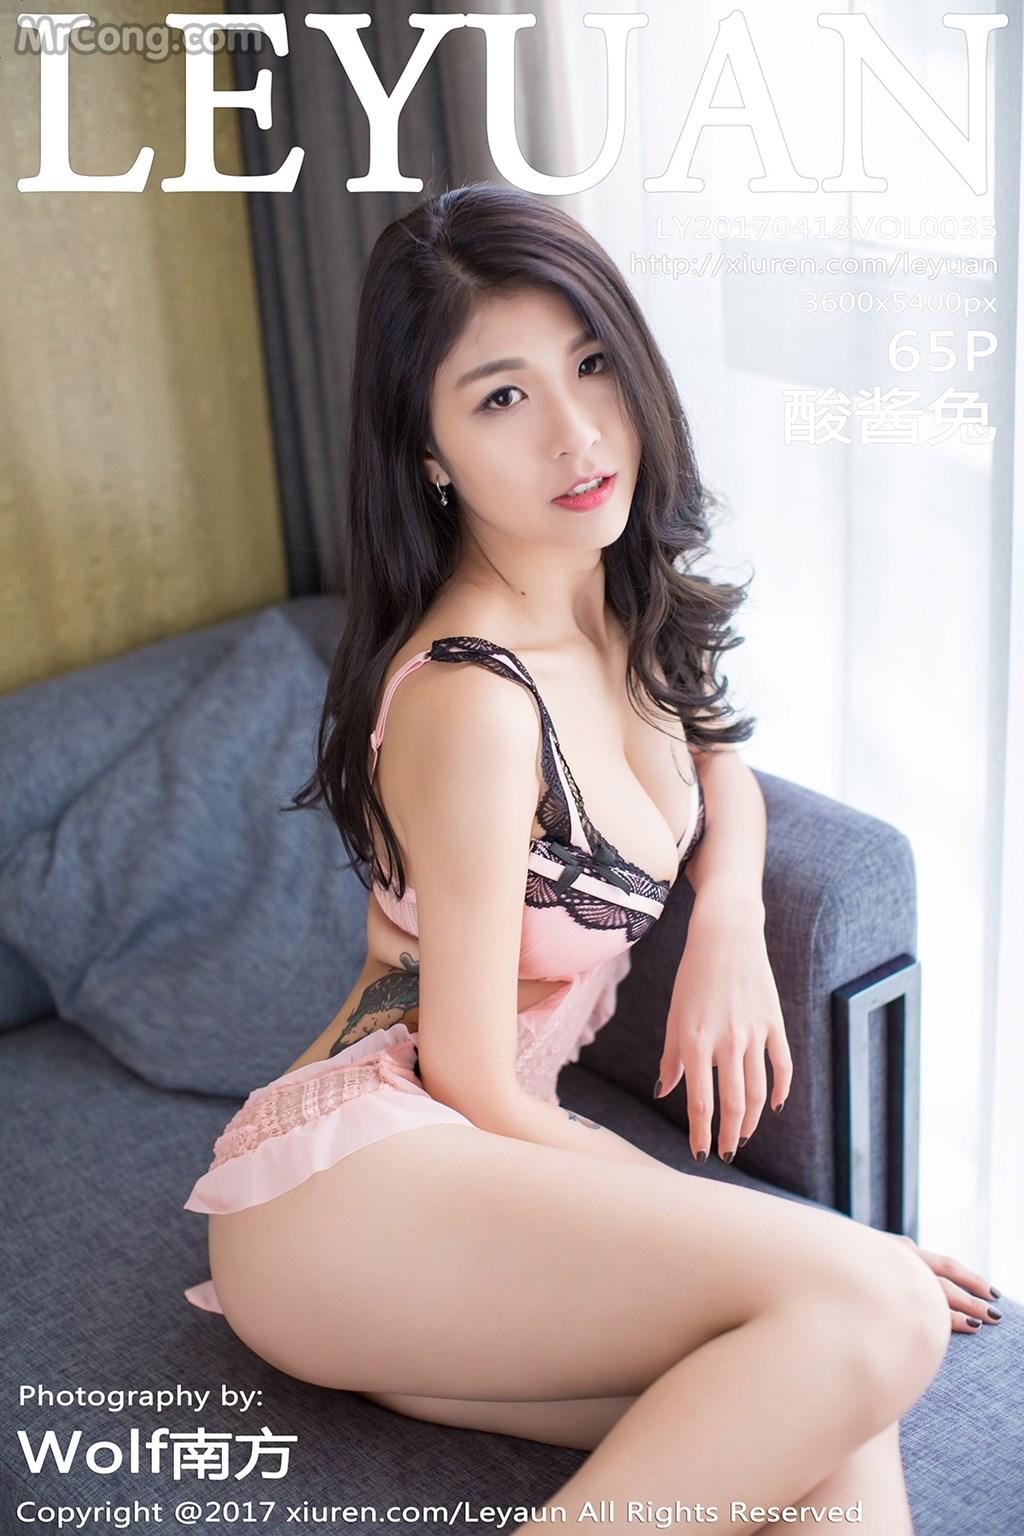 LeYuan Vol.033: Người mẫu Suan Jiang Tu (酸酱兔) (66 ảnh)